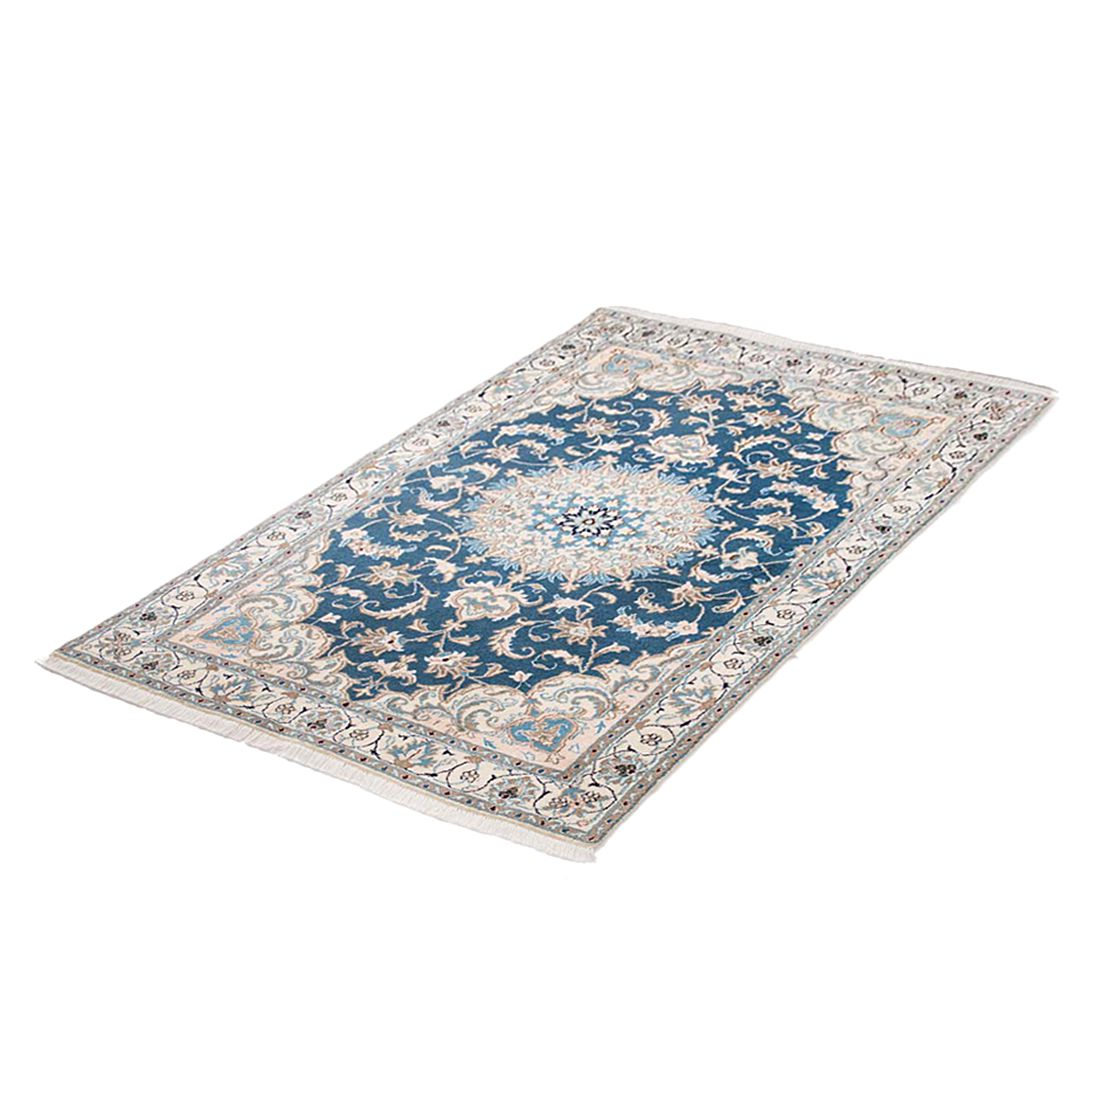 Teppich Khorasan Nain - Blau - 200 x 300 cm, Parwis